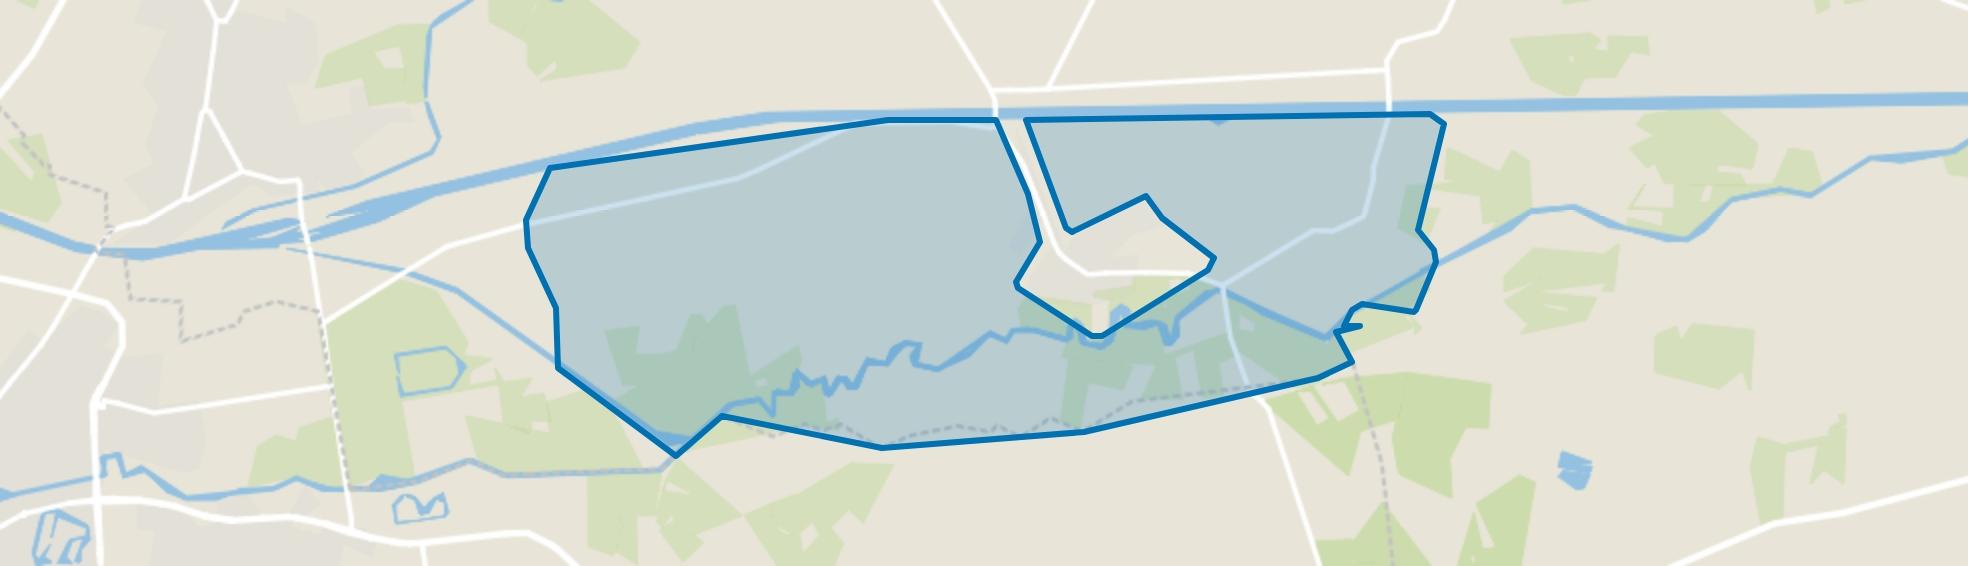 Verspreide huizen Almen ten zuiden van Twentekanaal, Almen map